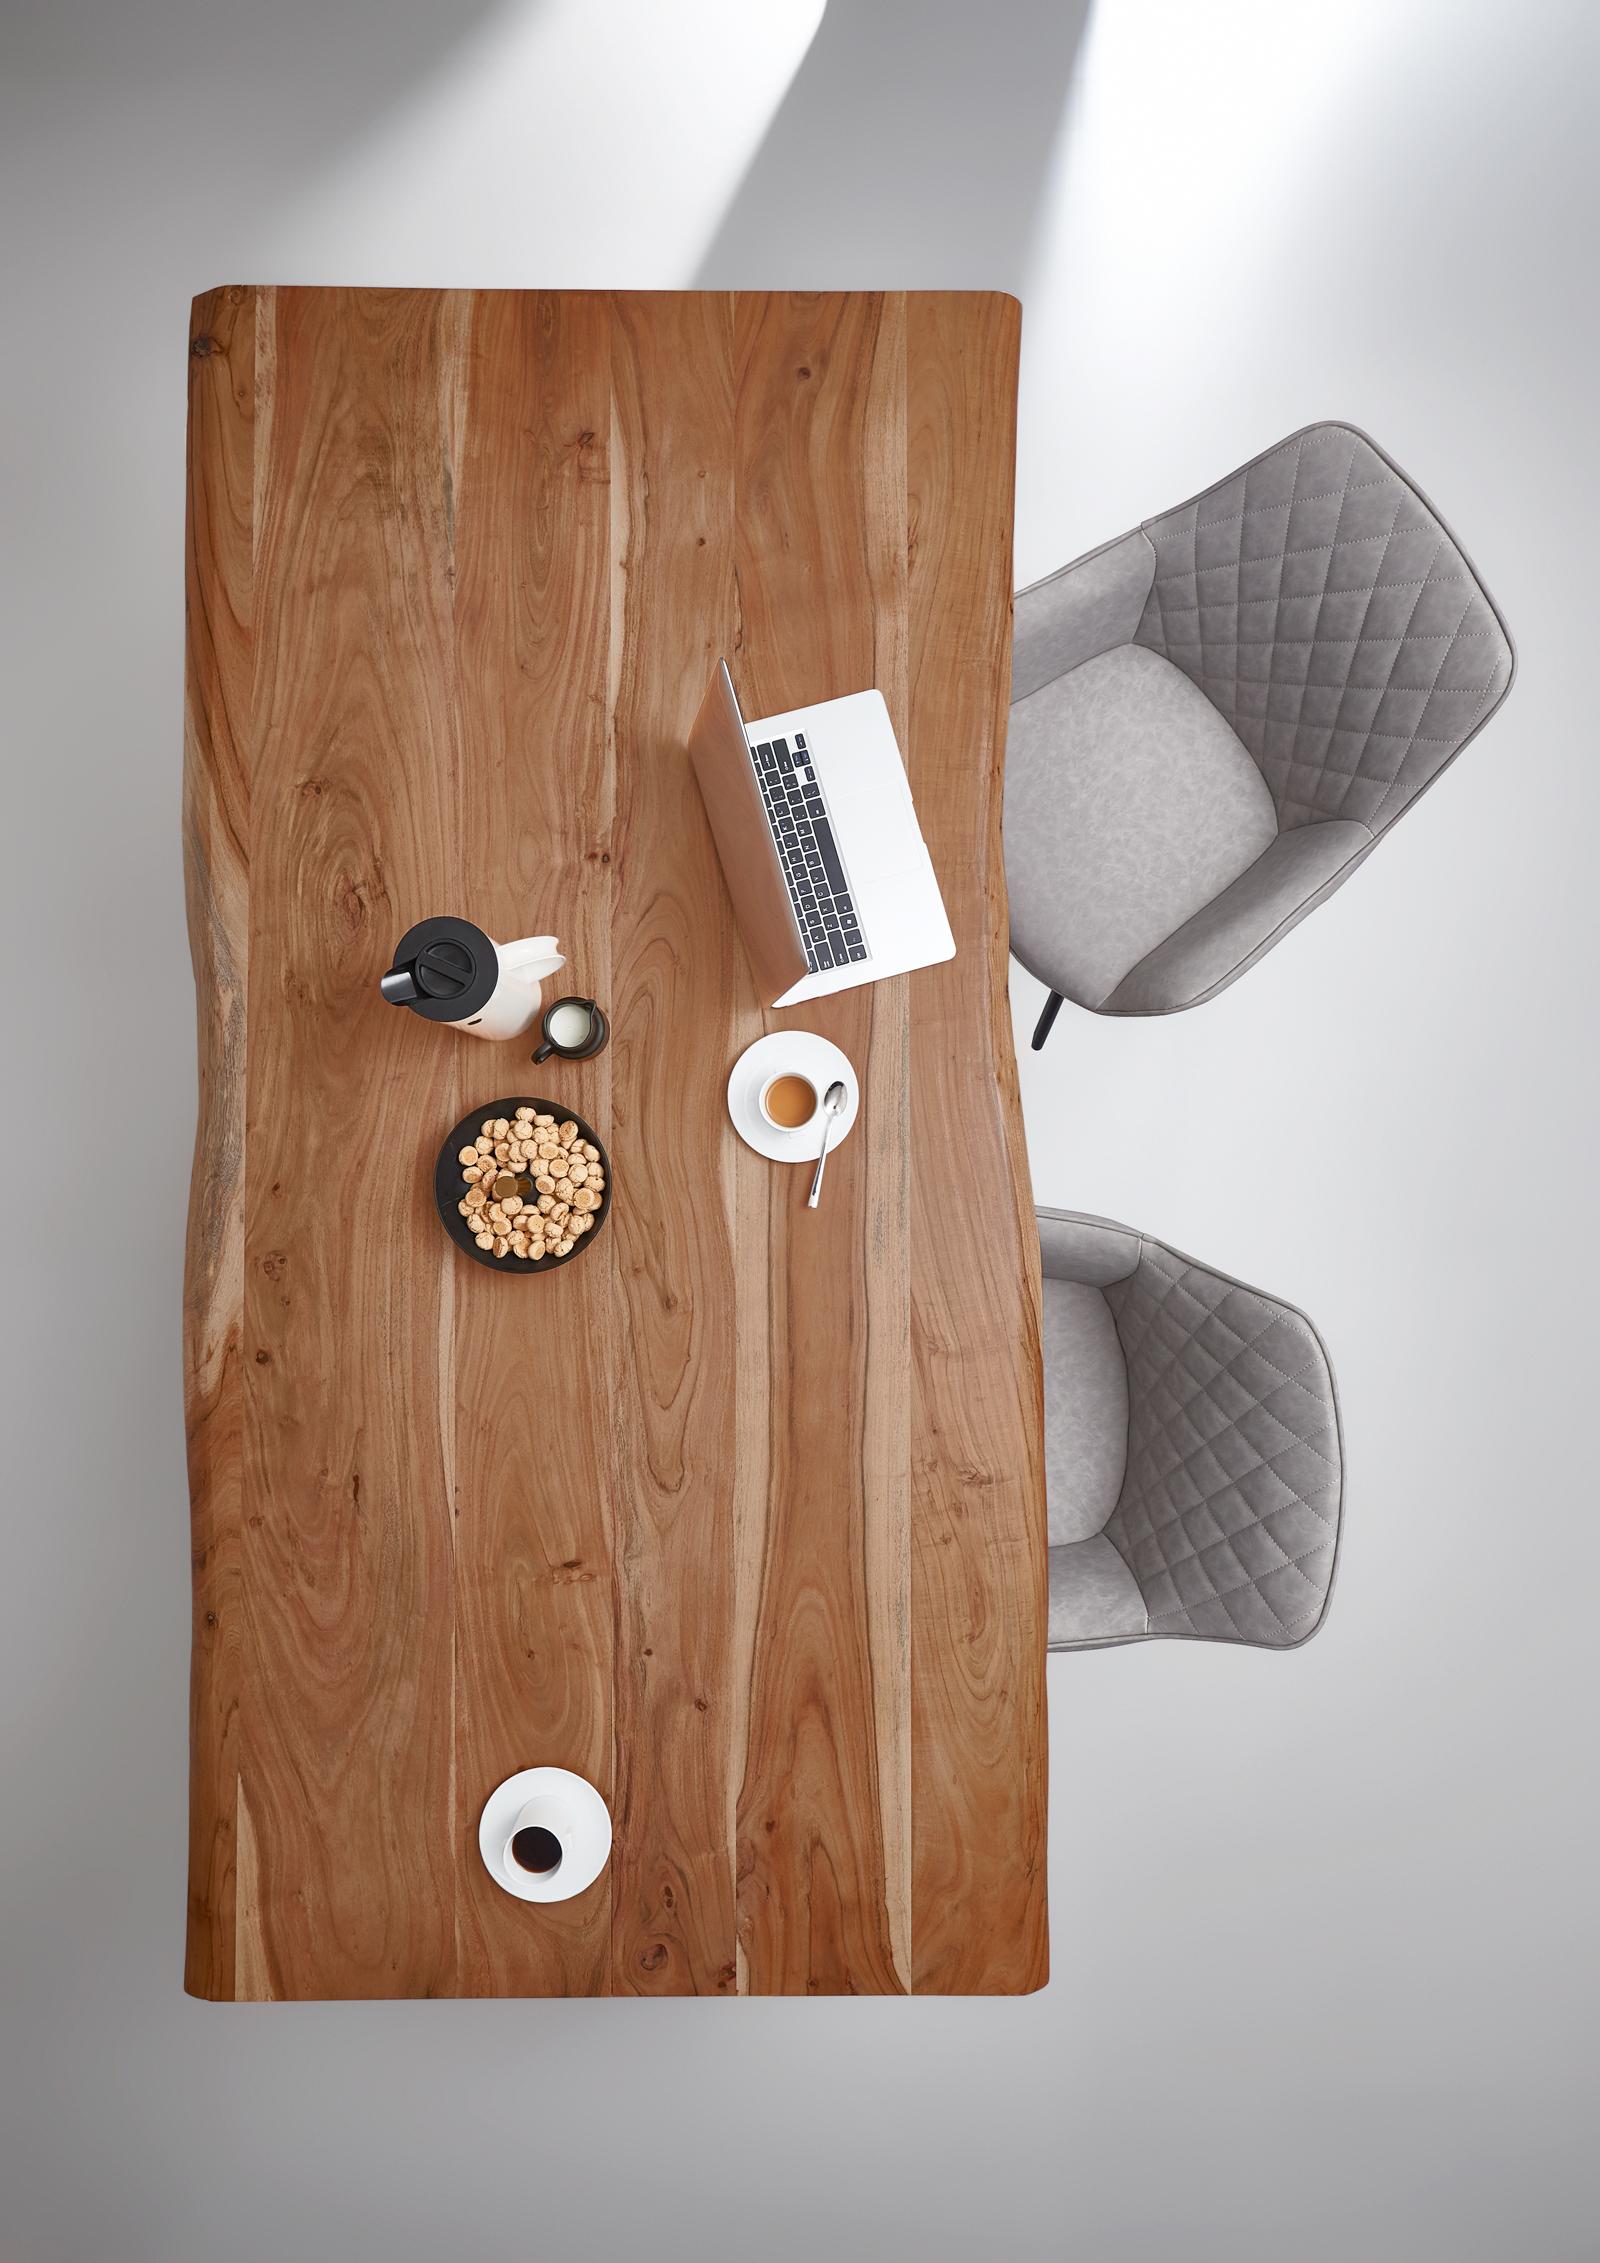 Sam Baumkantentisch Esszimmer Tisch 200 Cm Massiv Akazie Milo